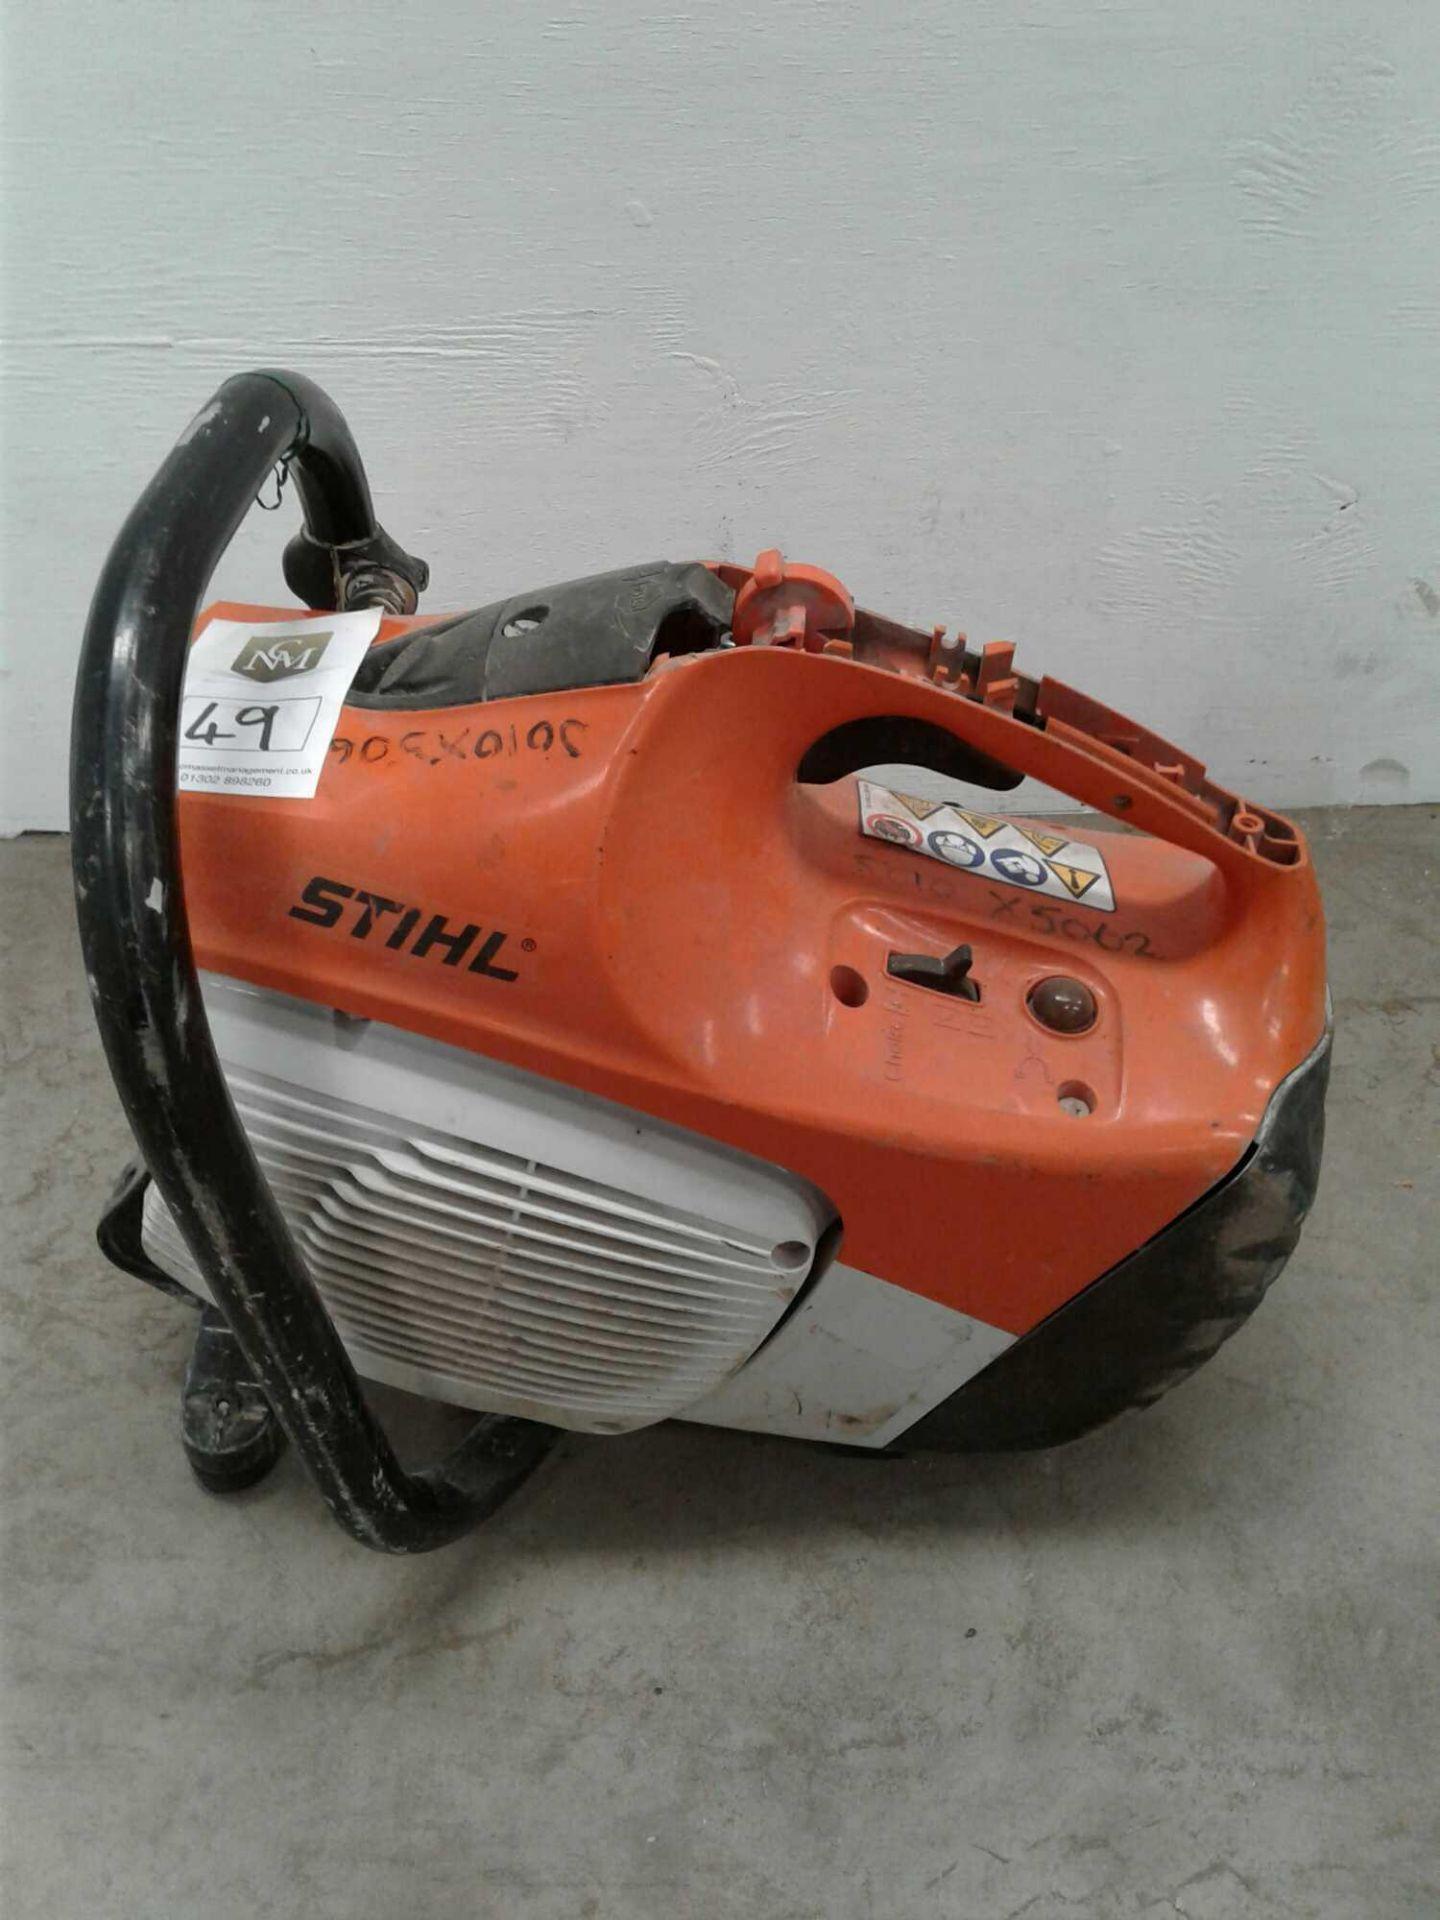 Lot 49 - Stihl TS 410 cut off saw